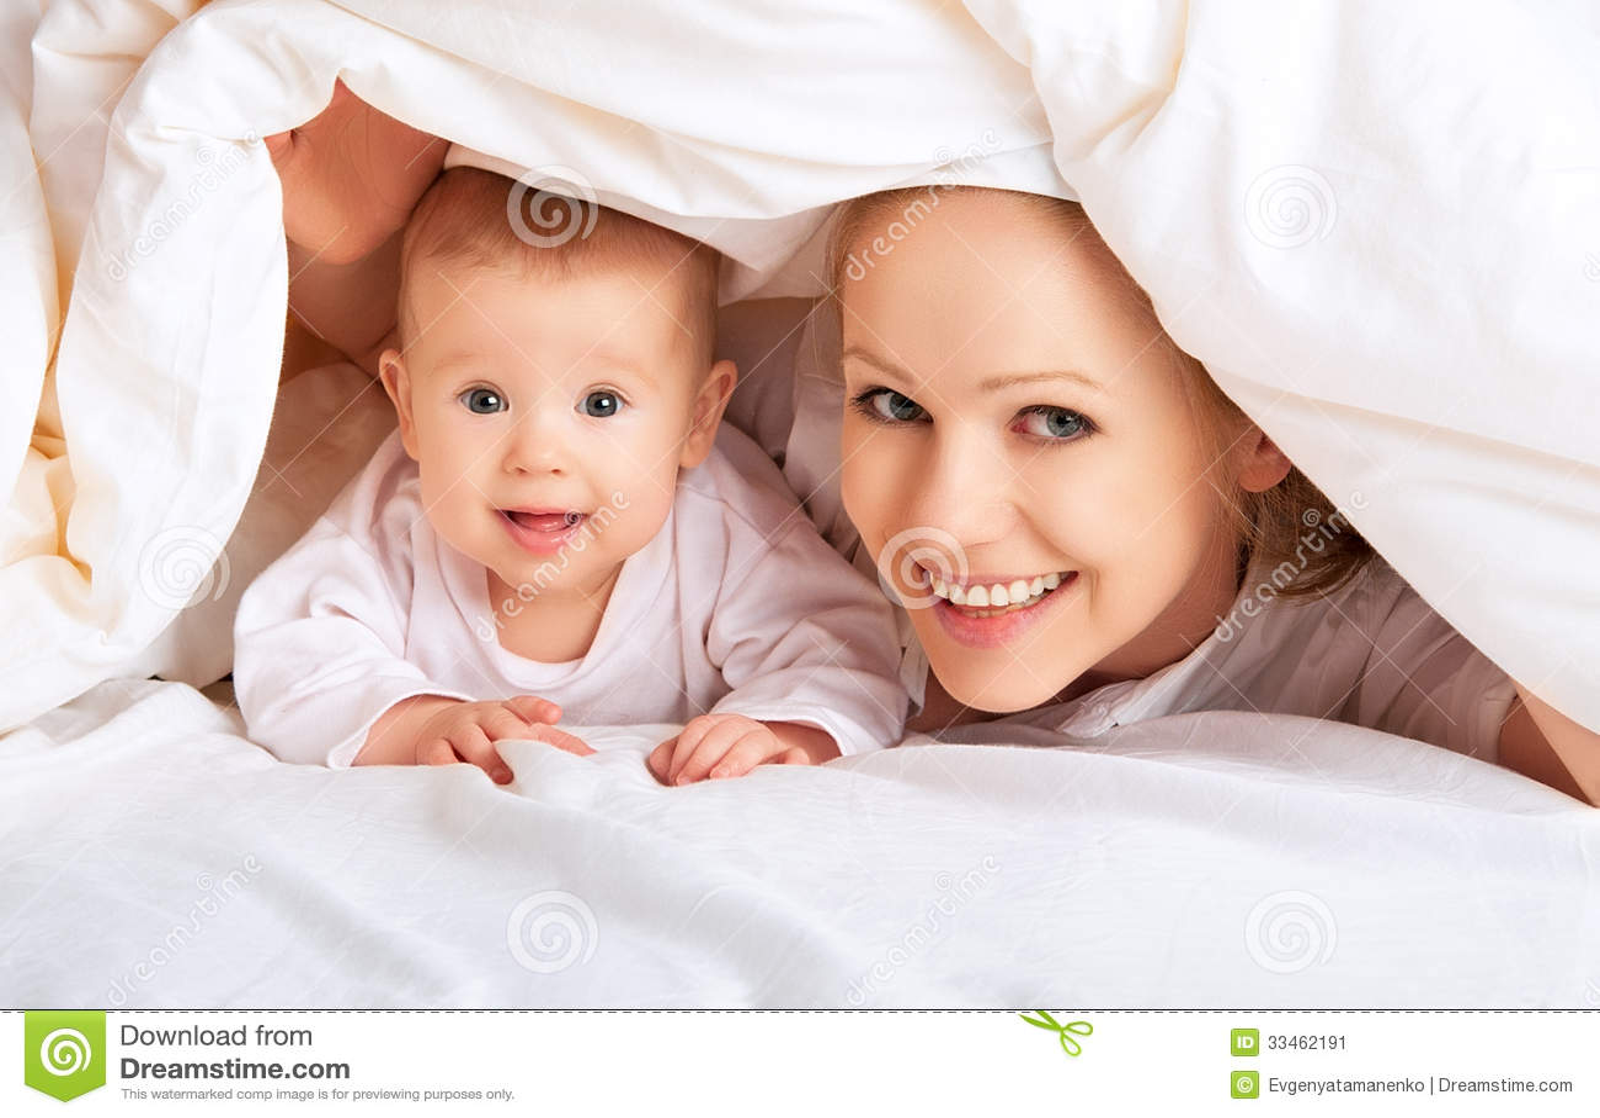 Glückliche Familie. Mutter und Baby, die unter Decke spielen